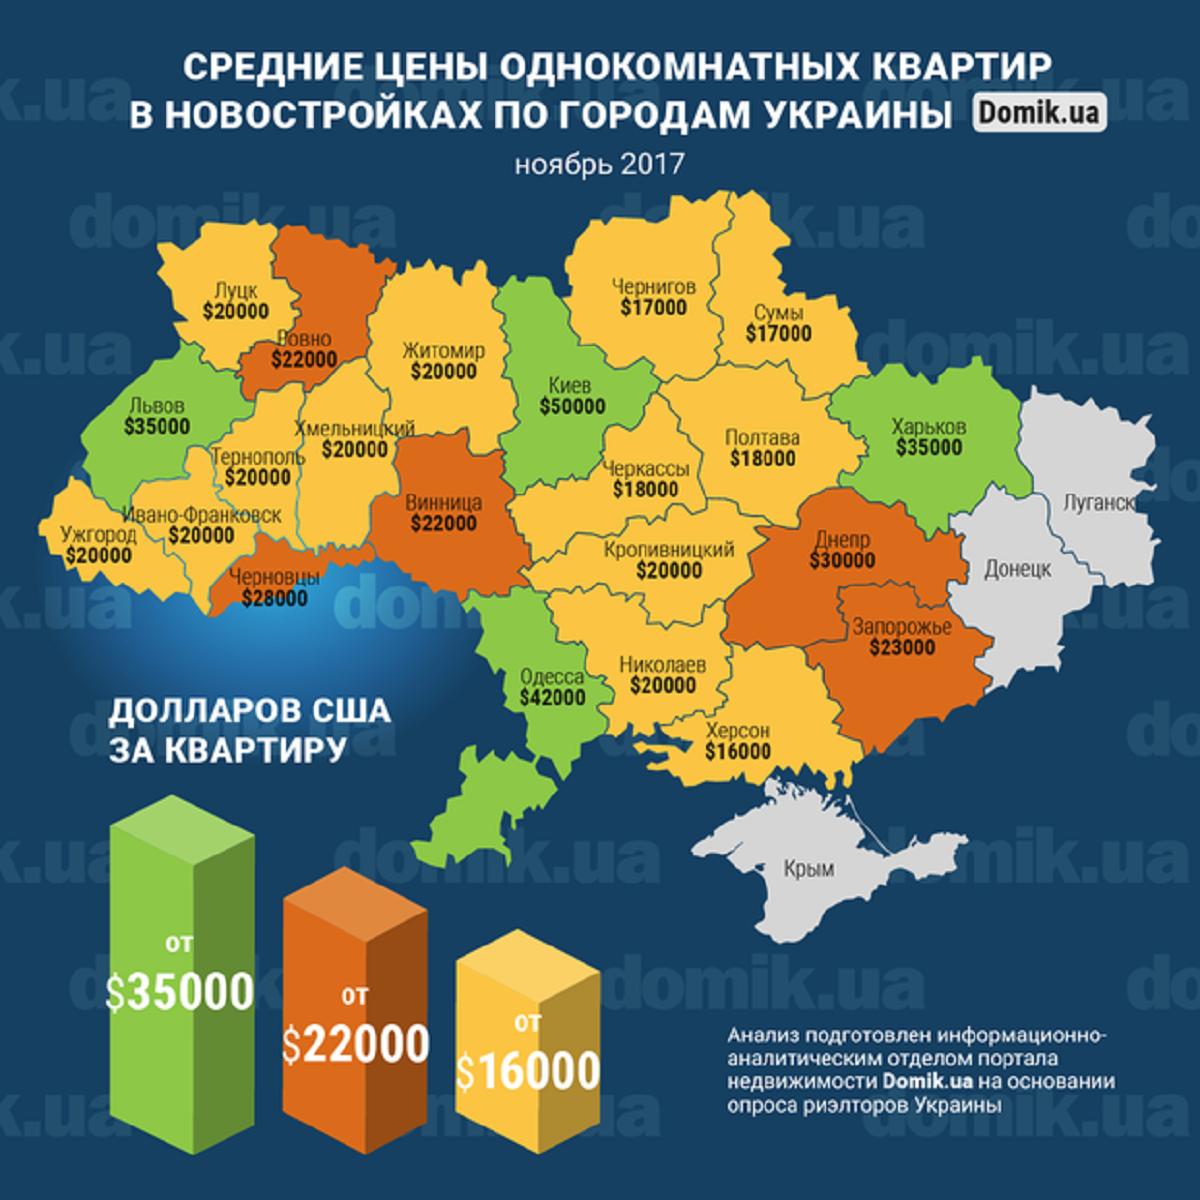 Средняя стоимость однокомнатного жилья в новых жилых комплексах Украины